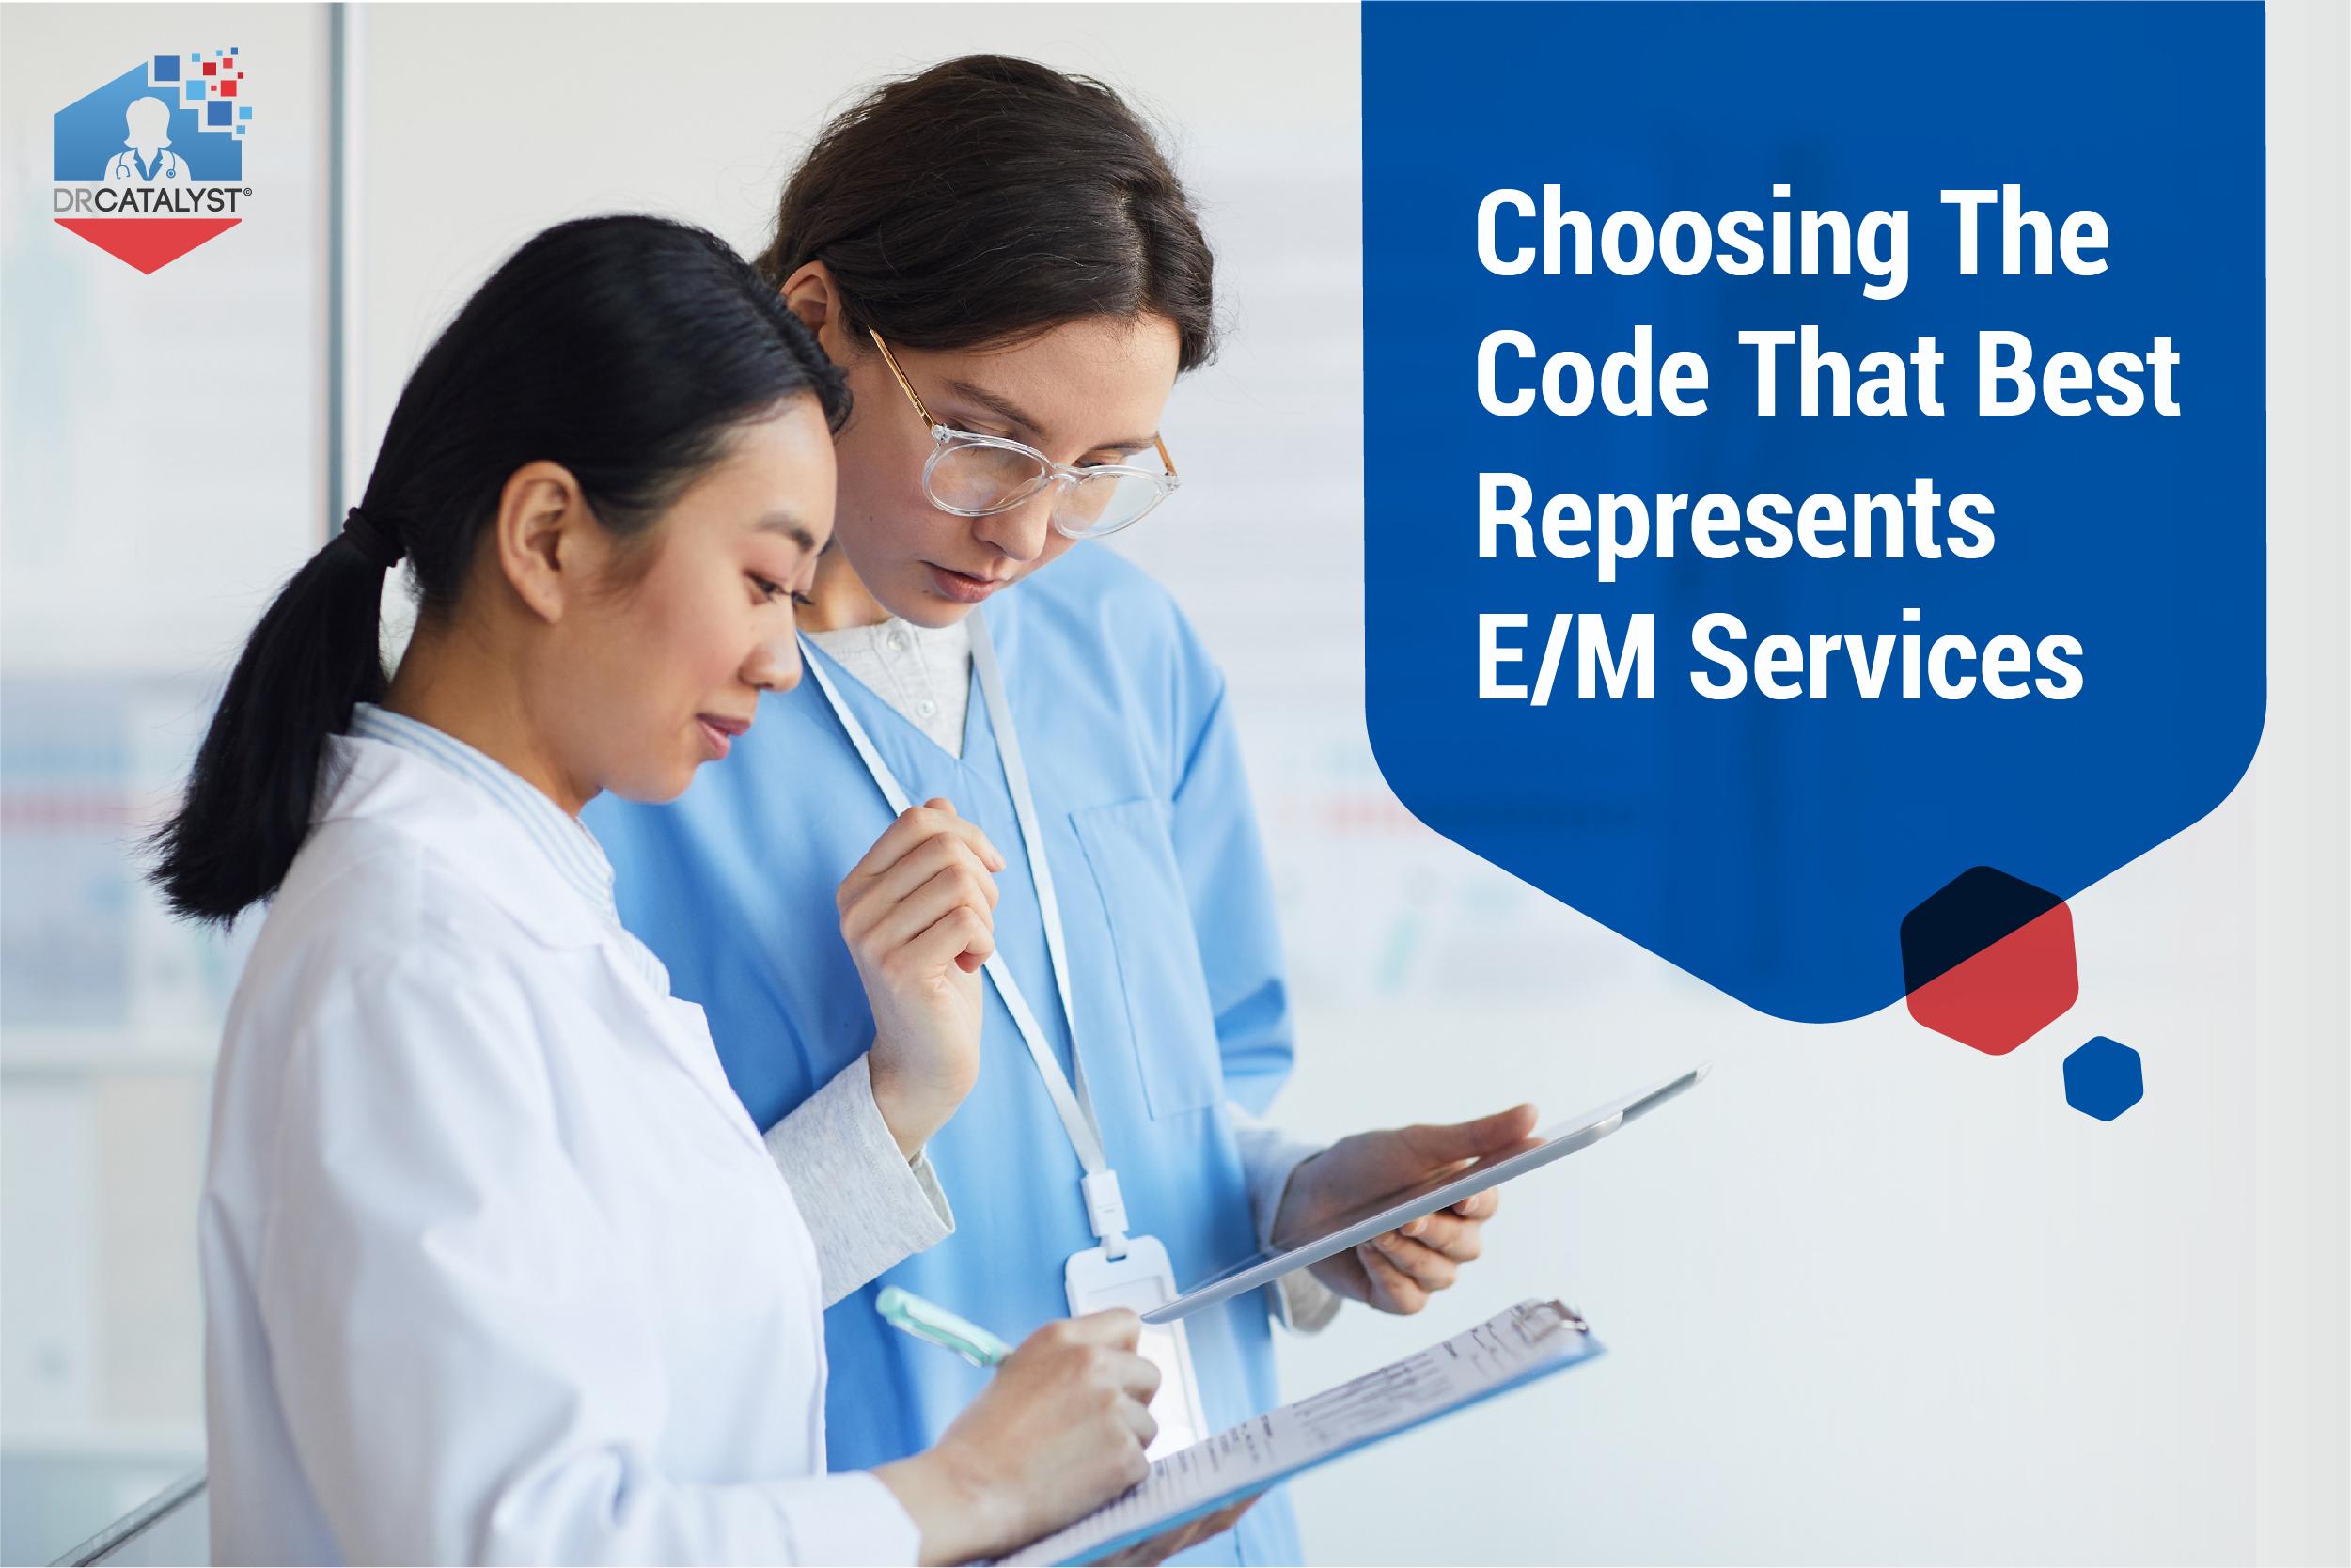 E/M Services